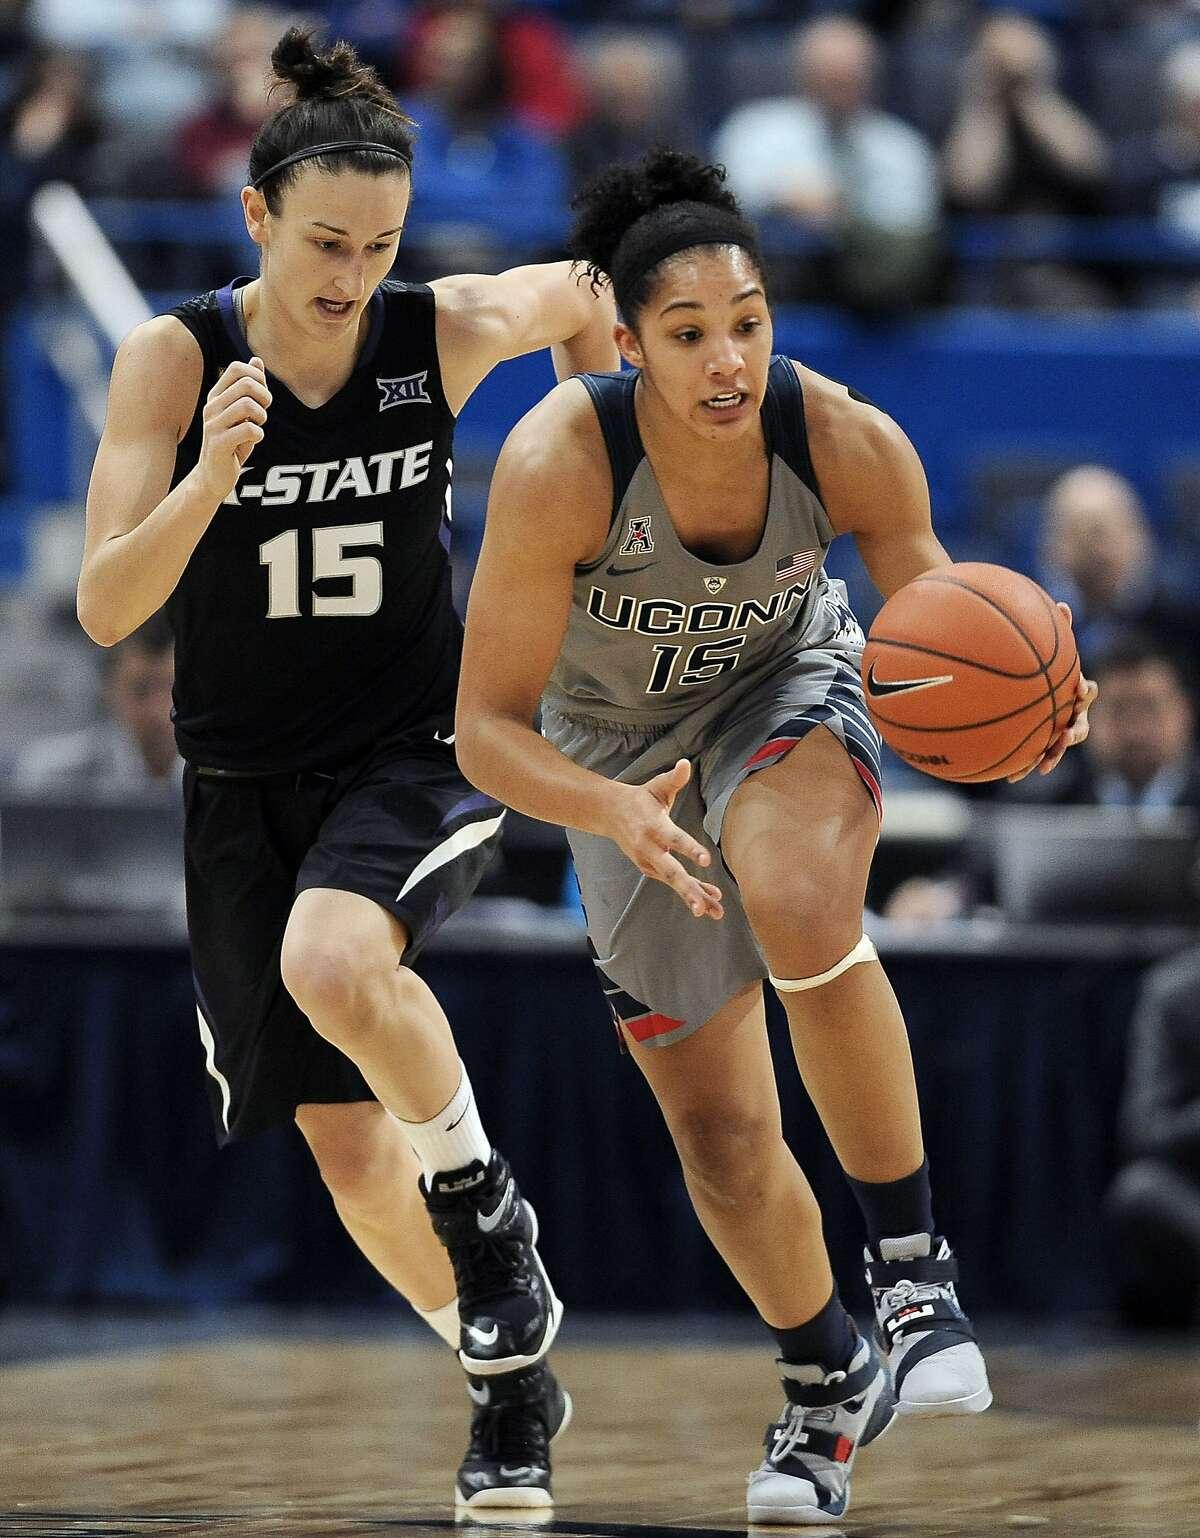 UConn vs. Kansas State - Nov. 23, 2015 W: 97-57 Led team in points: Breanna Stewart (25) Led team in rebounds: Gabby Williams (12)